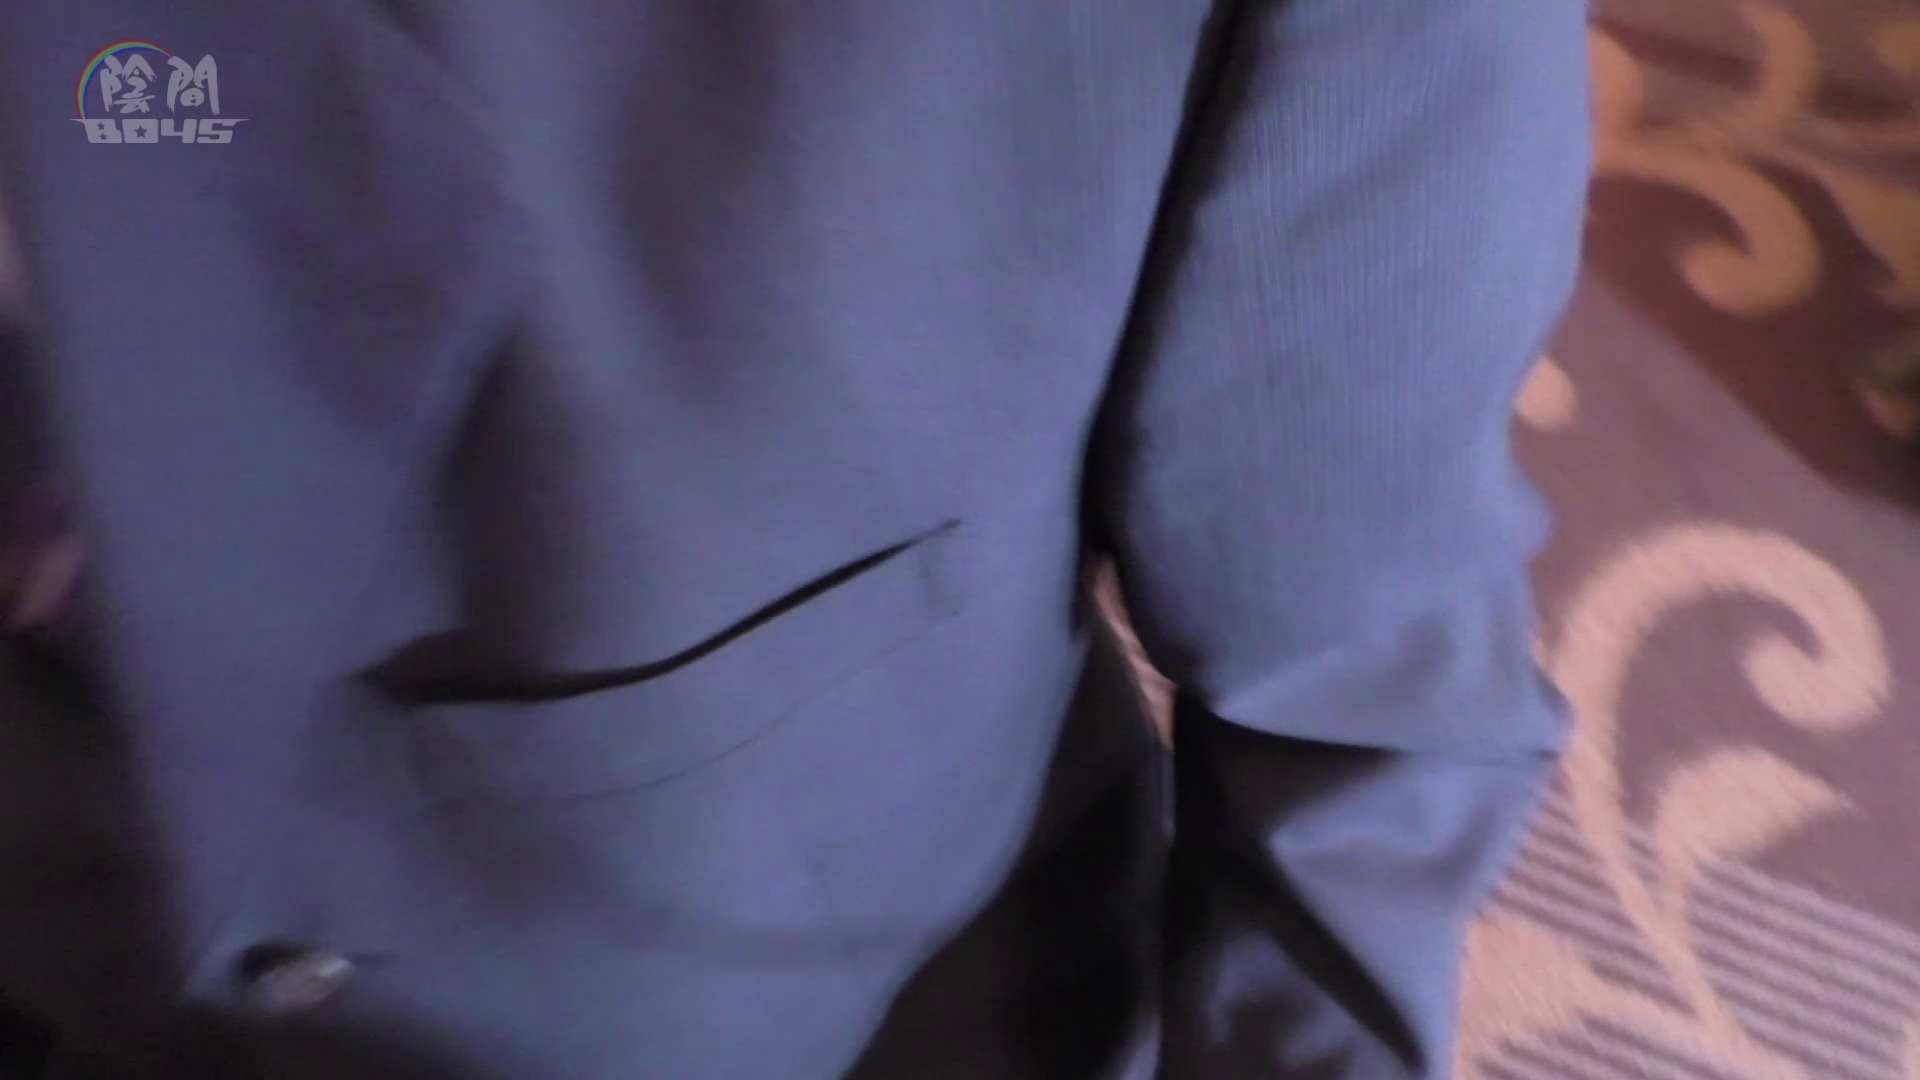 キャバクラの仕事はアナルから6  ~アナルの囁き~Vol.03 入浴・シャワー丸見え ゲイアダルトビデオ画像 65pic 23